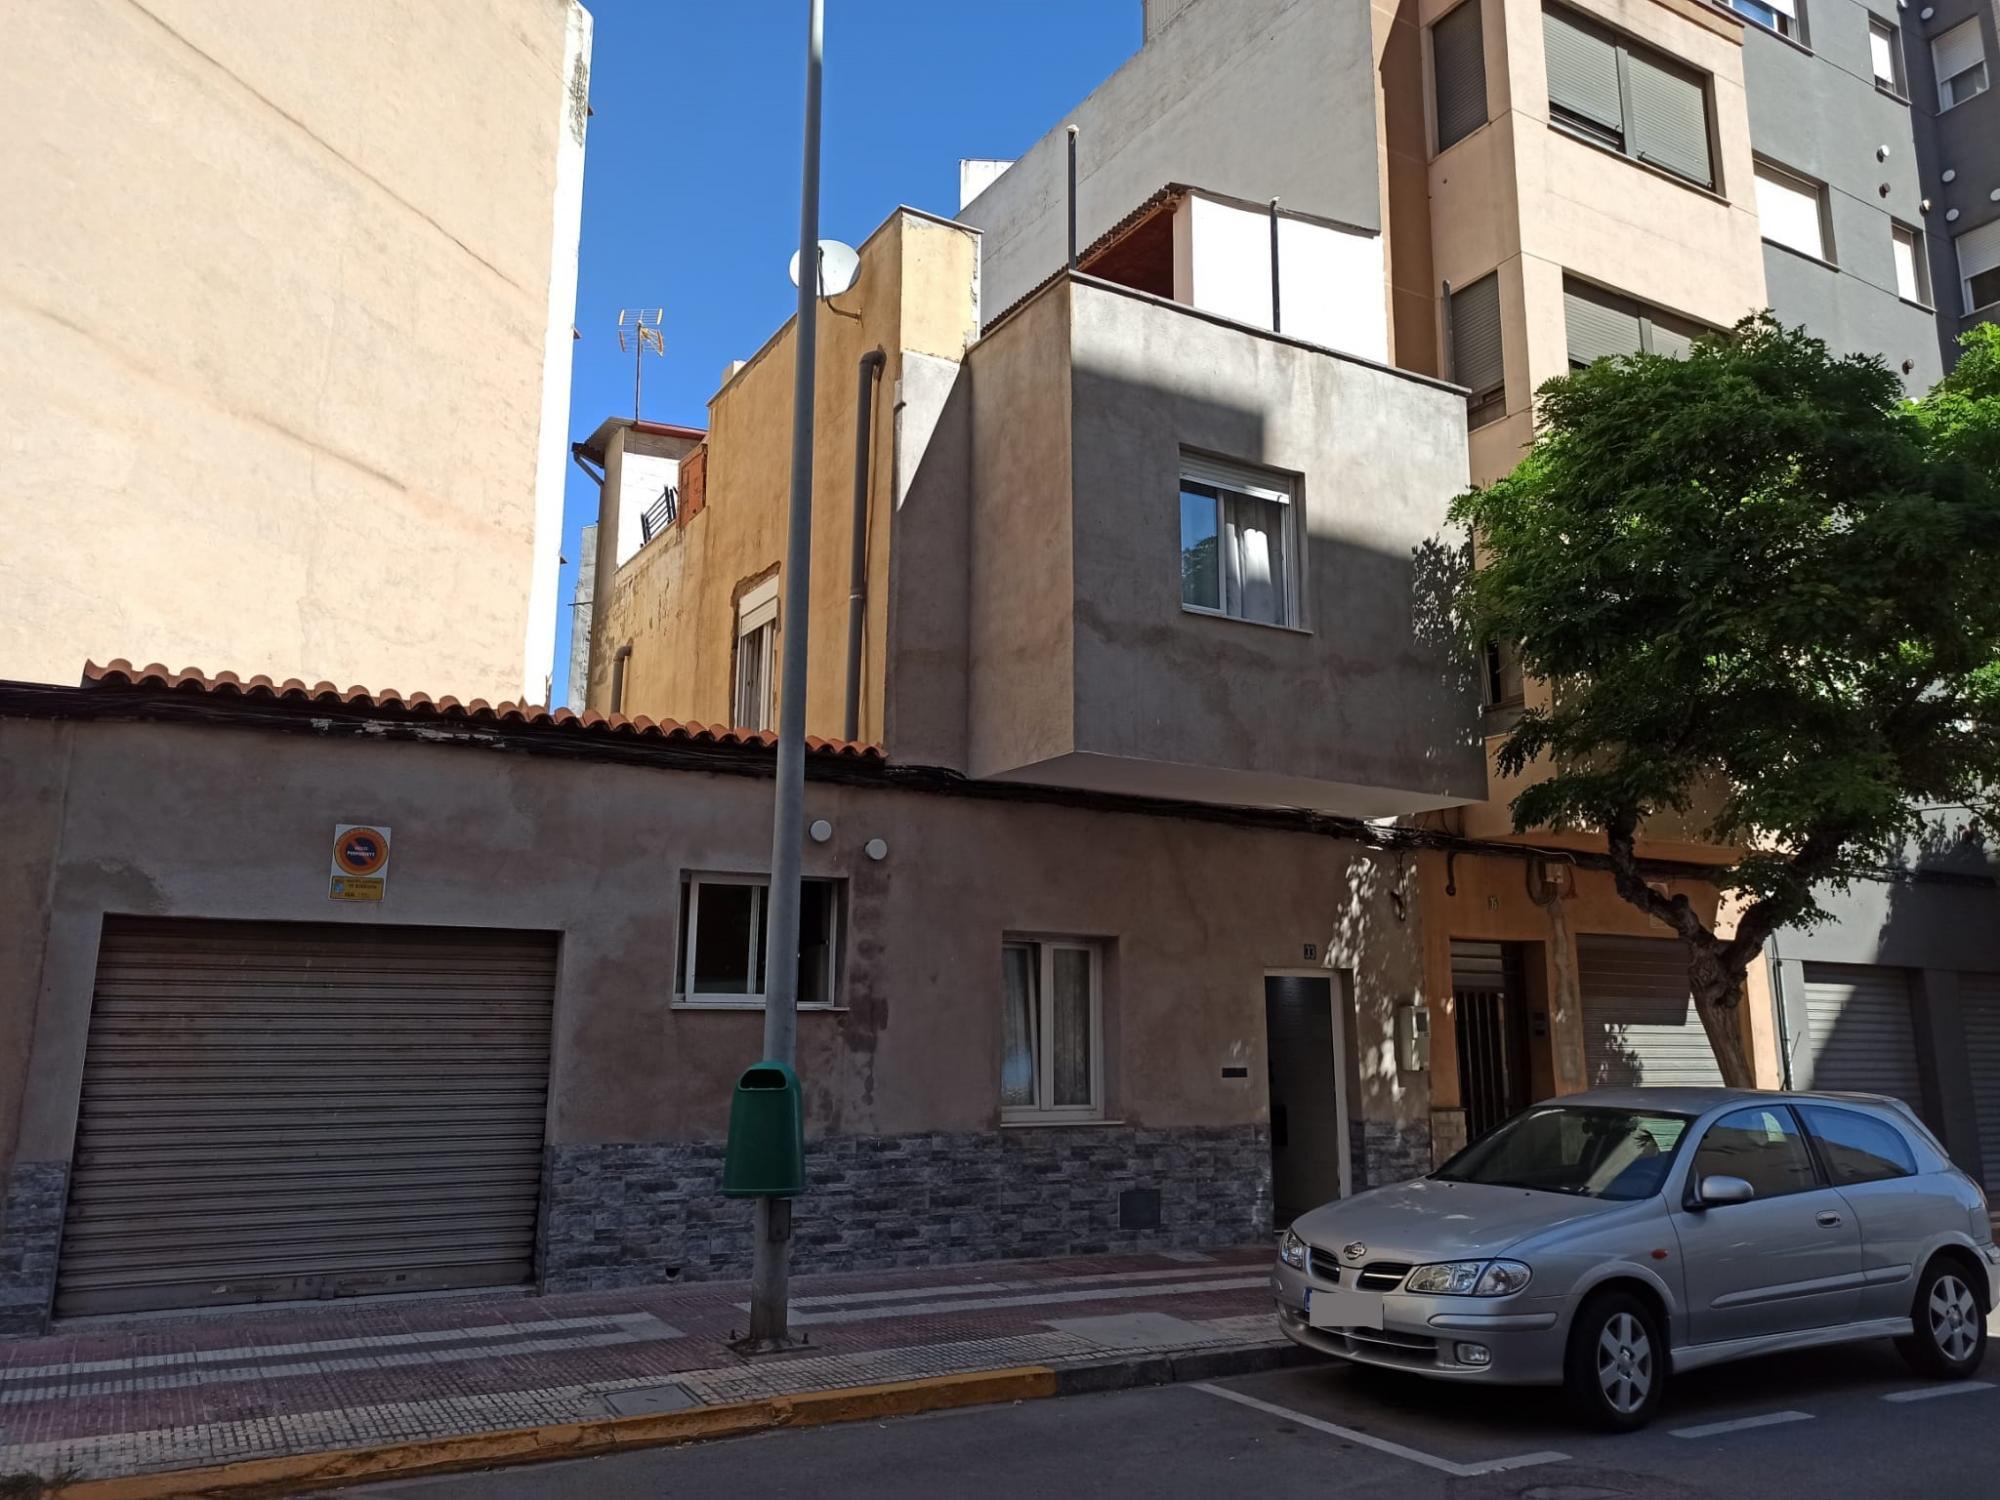 Casa en venta en Burriana (Castellón) zona Camino de Onda